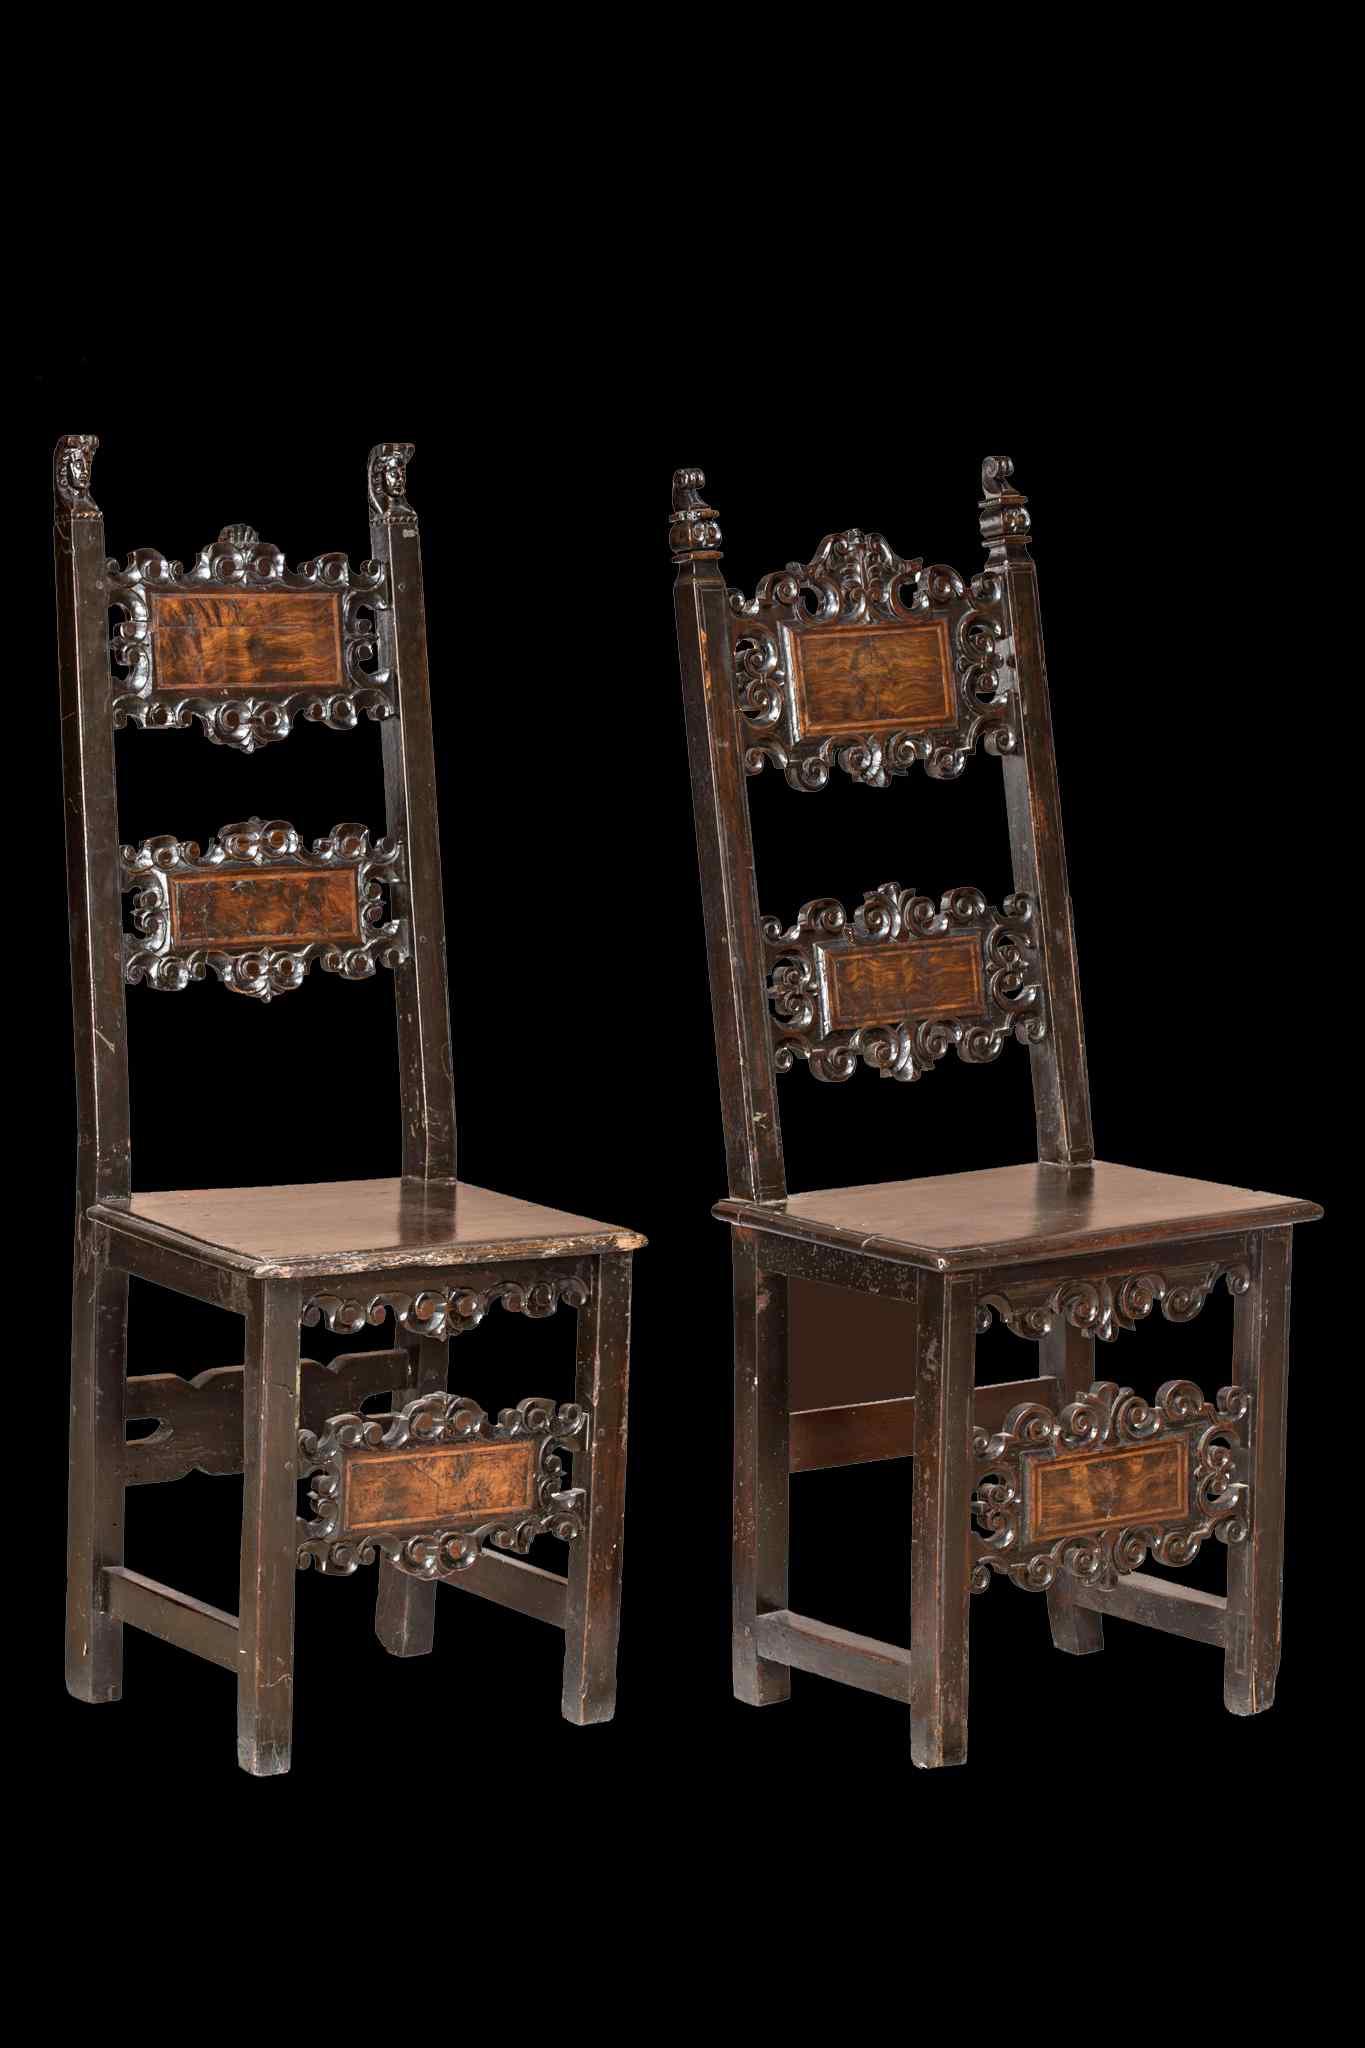 Fratine de chaises Couple